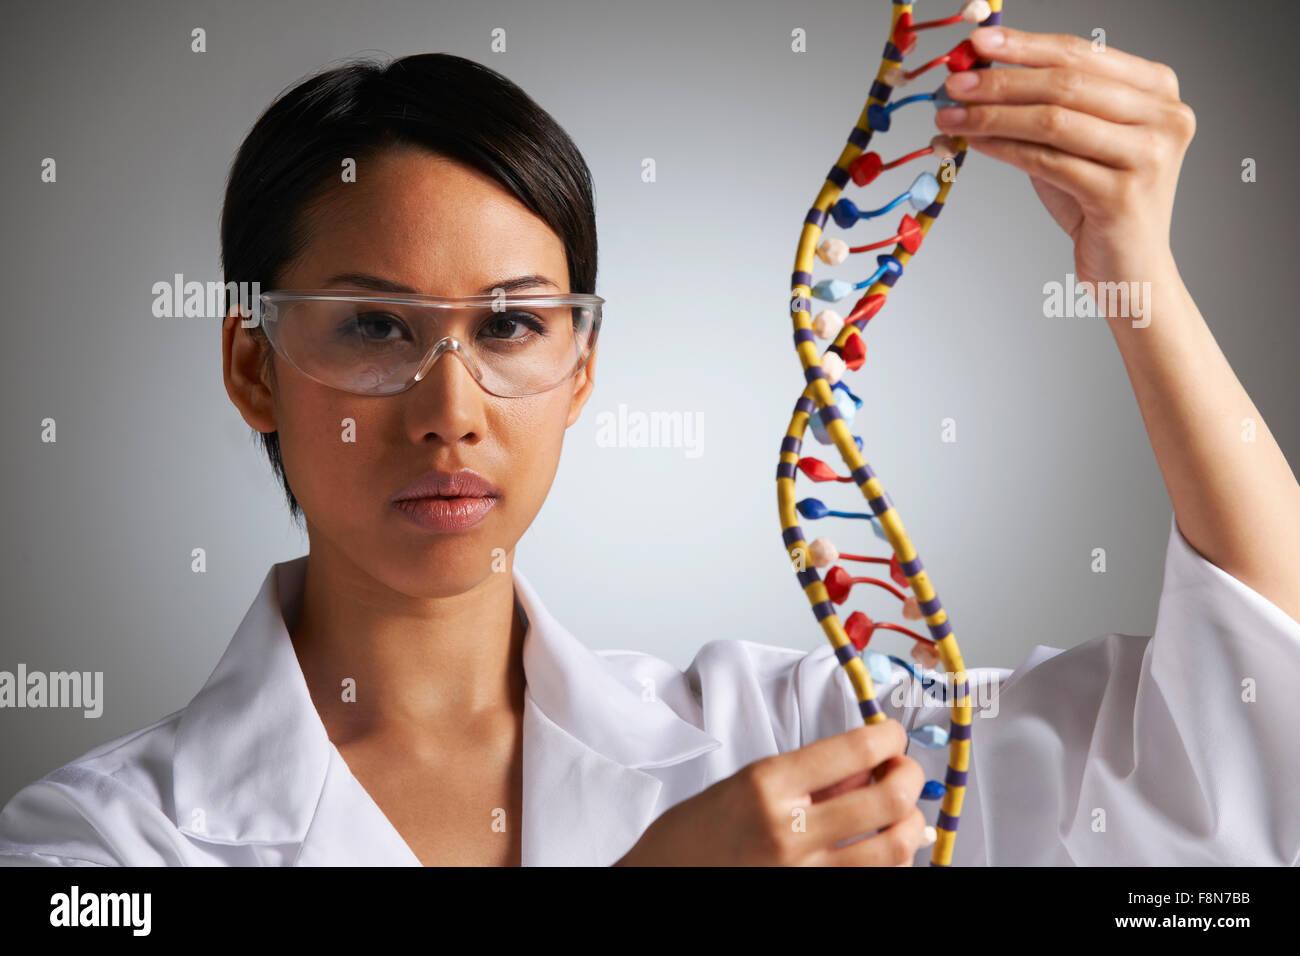 Donna scienziato studiando il modello molecolare in forma di elica Immagini Stock